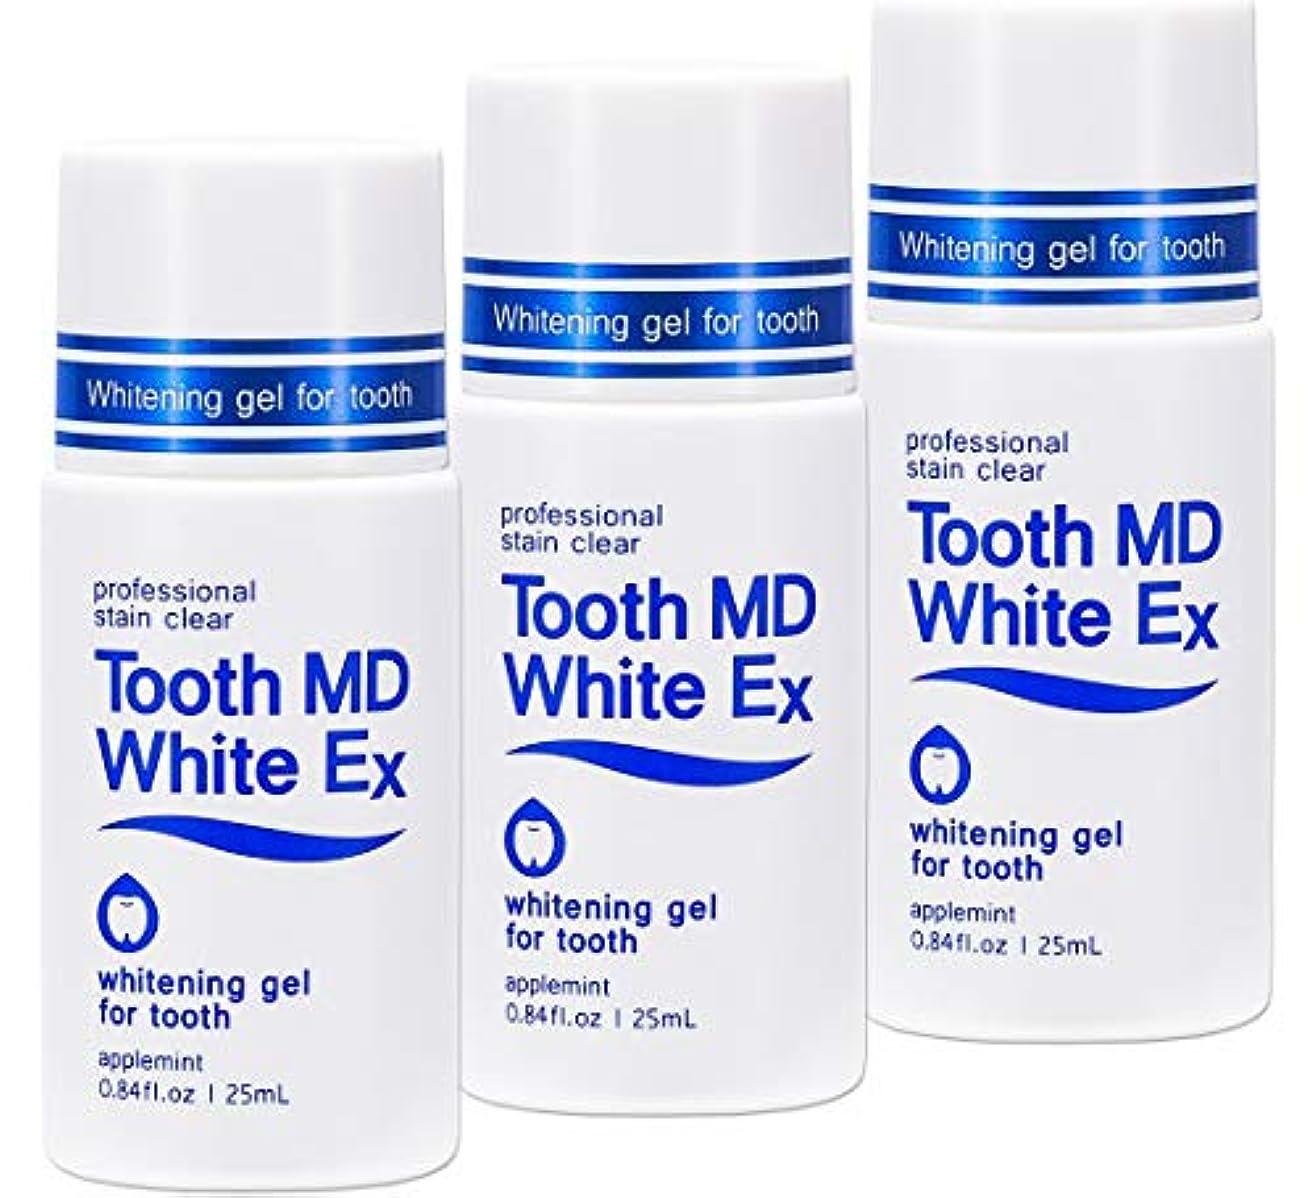 活性化チート雄弁家トゥースMDホワイトEX 3個セット [歯のホワイトニング] 専用歯ブラシ付き